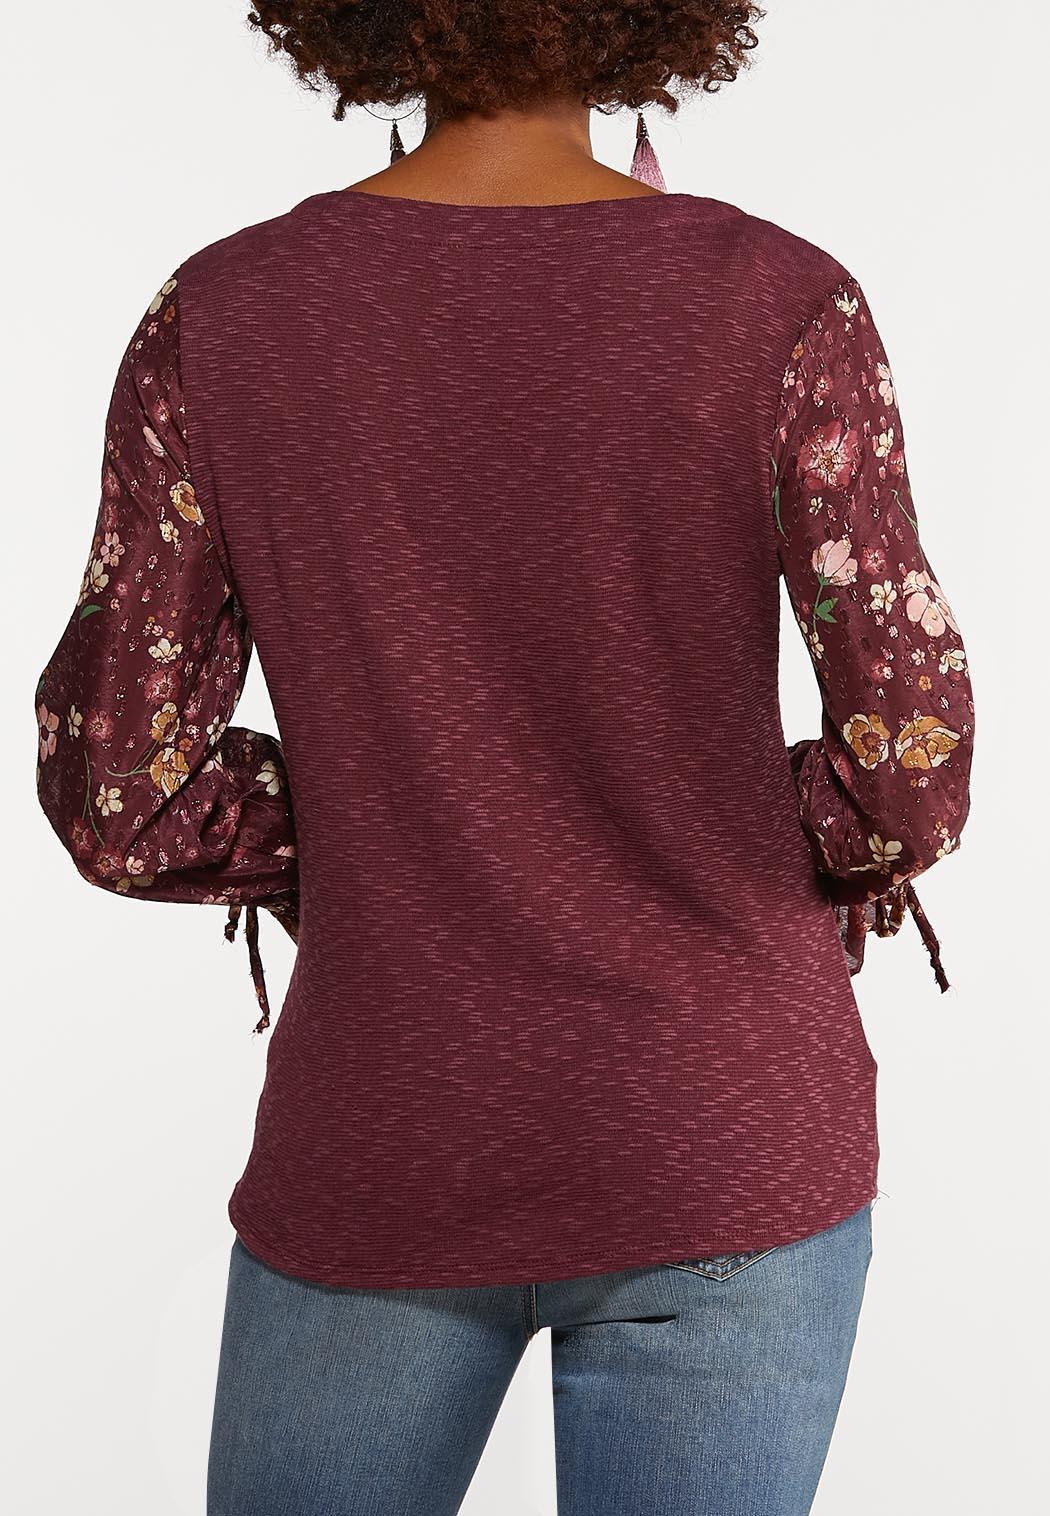 Floral Sleeve Twist Top (Item #44089270)